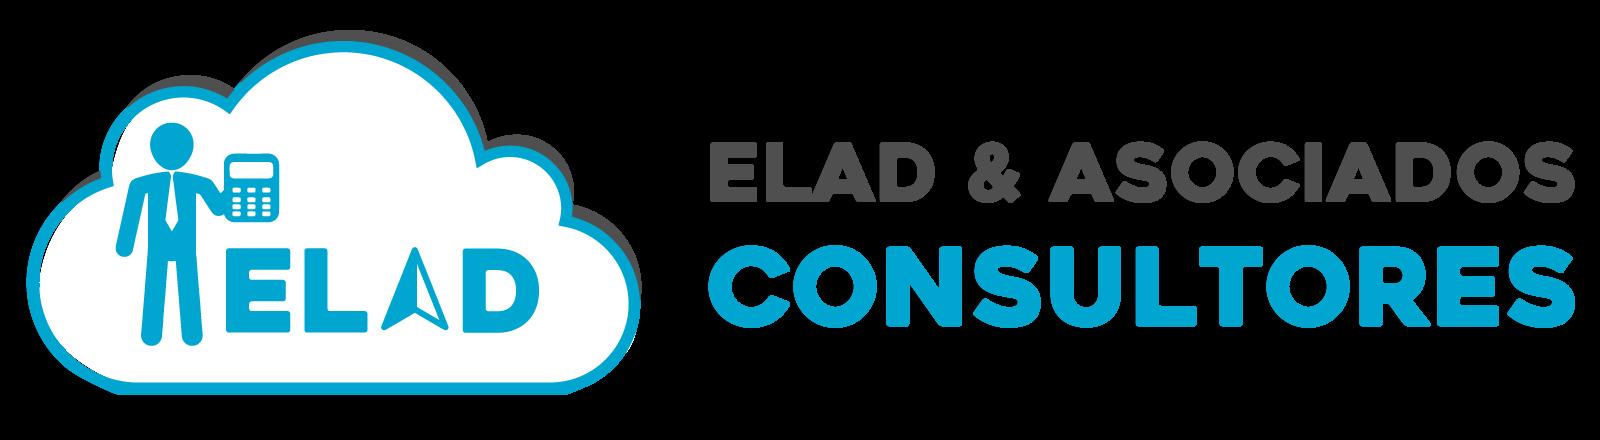 Elad y Asociados Consultores